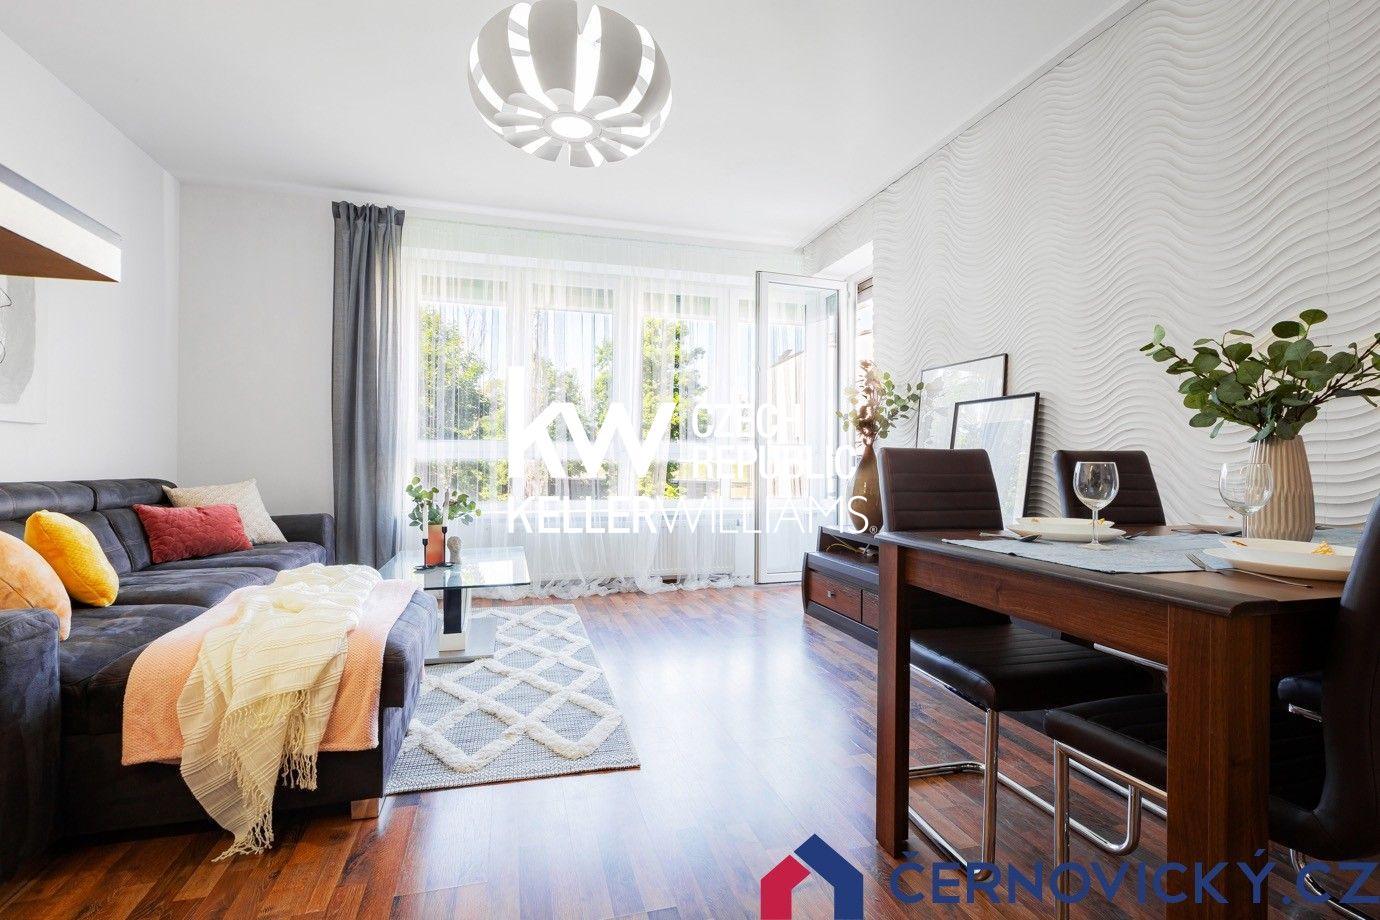 Prodej bytu 3+kk s dvojicí stání v domě z roku 2013